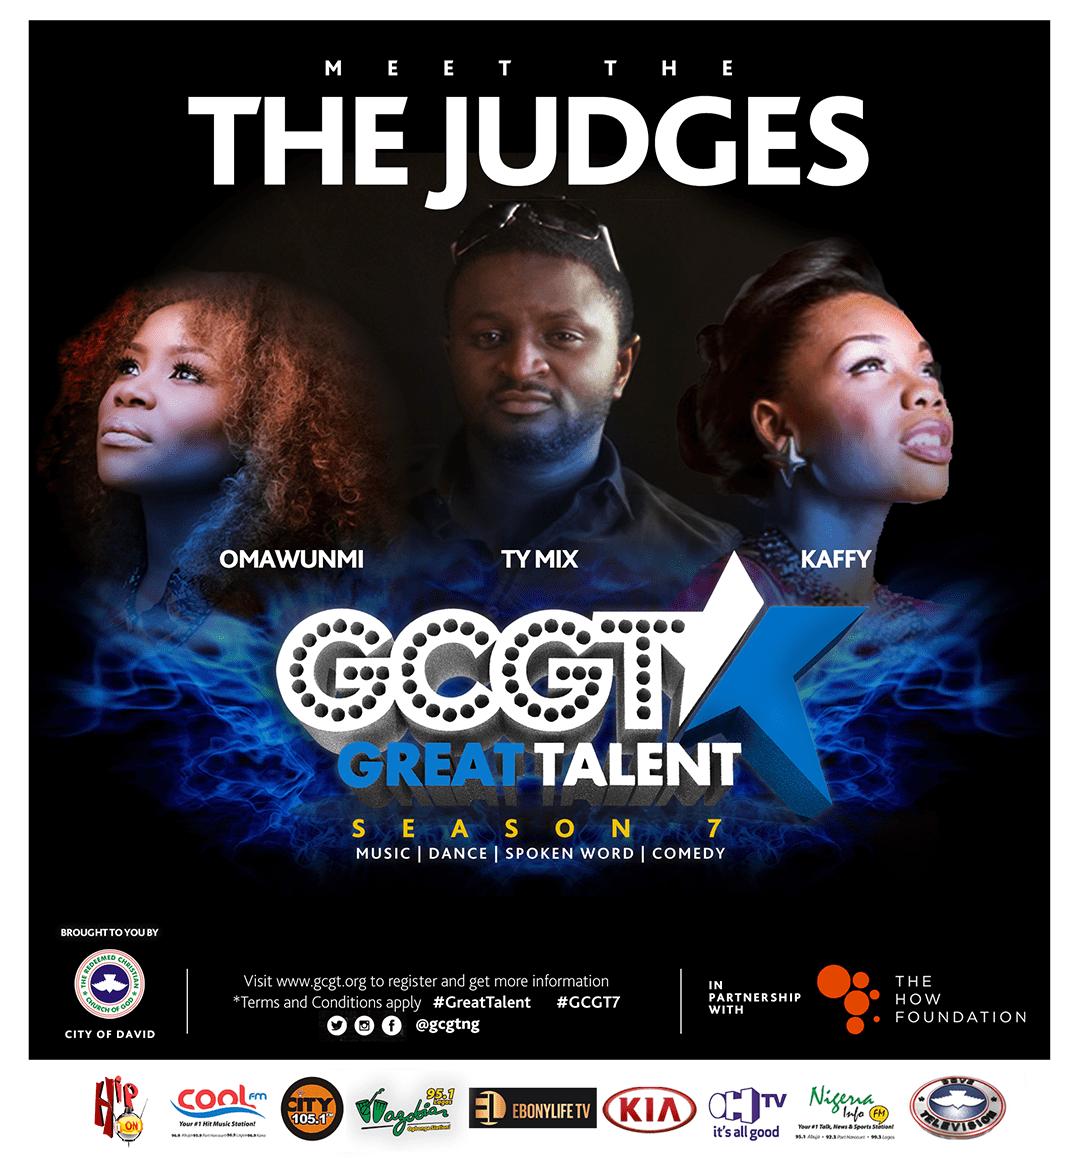 GCGT_JUDGES2